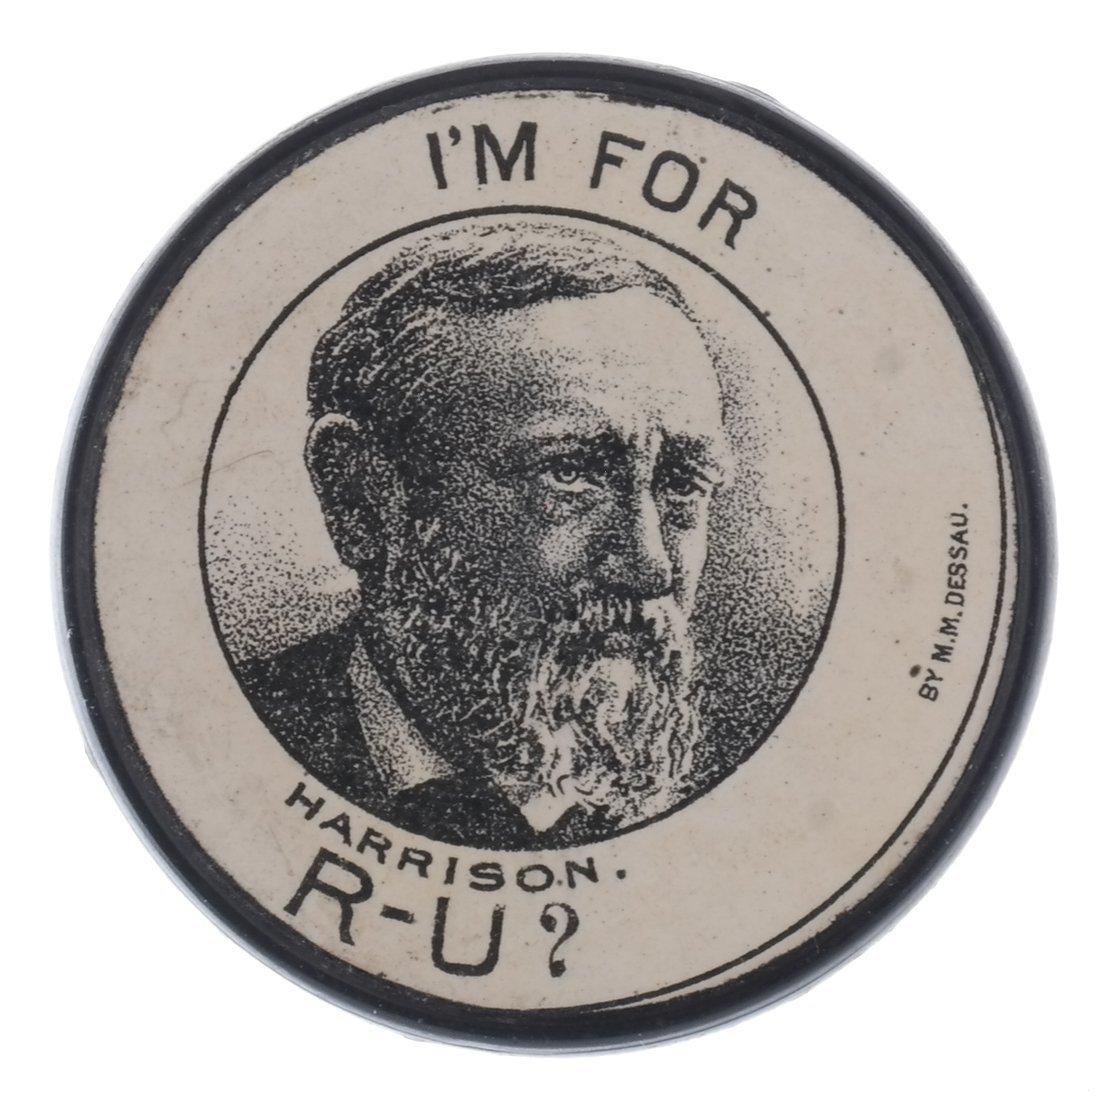 G. Cleveland & B. Harrison 1888 Advertising Poker Chips - 5